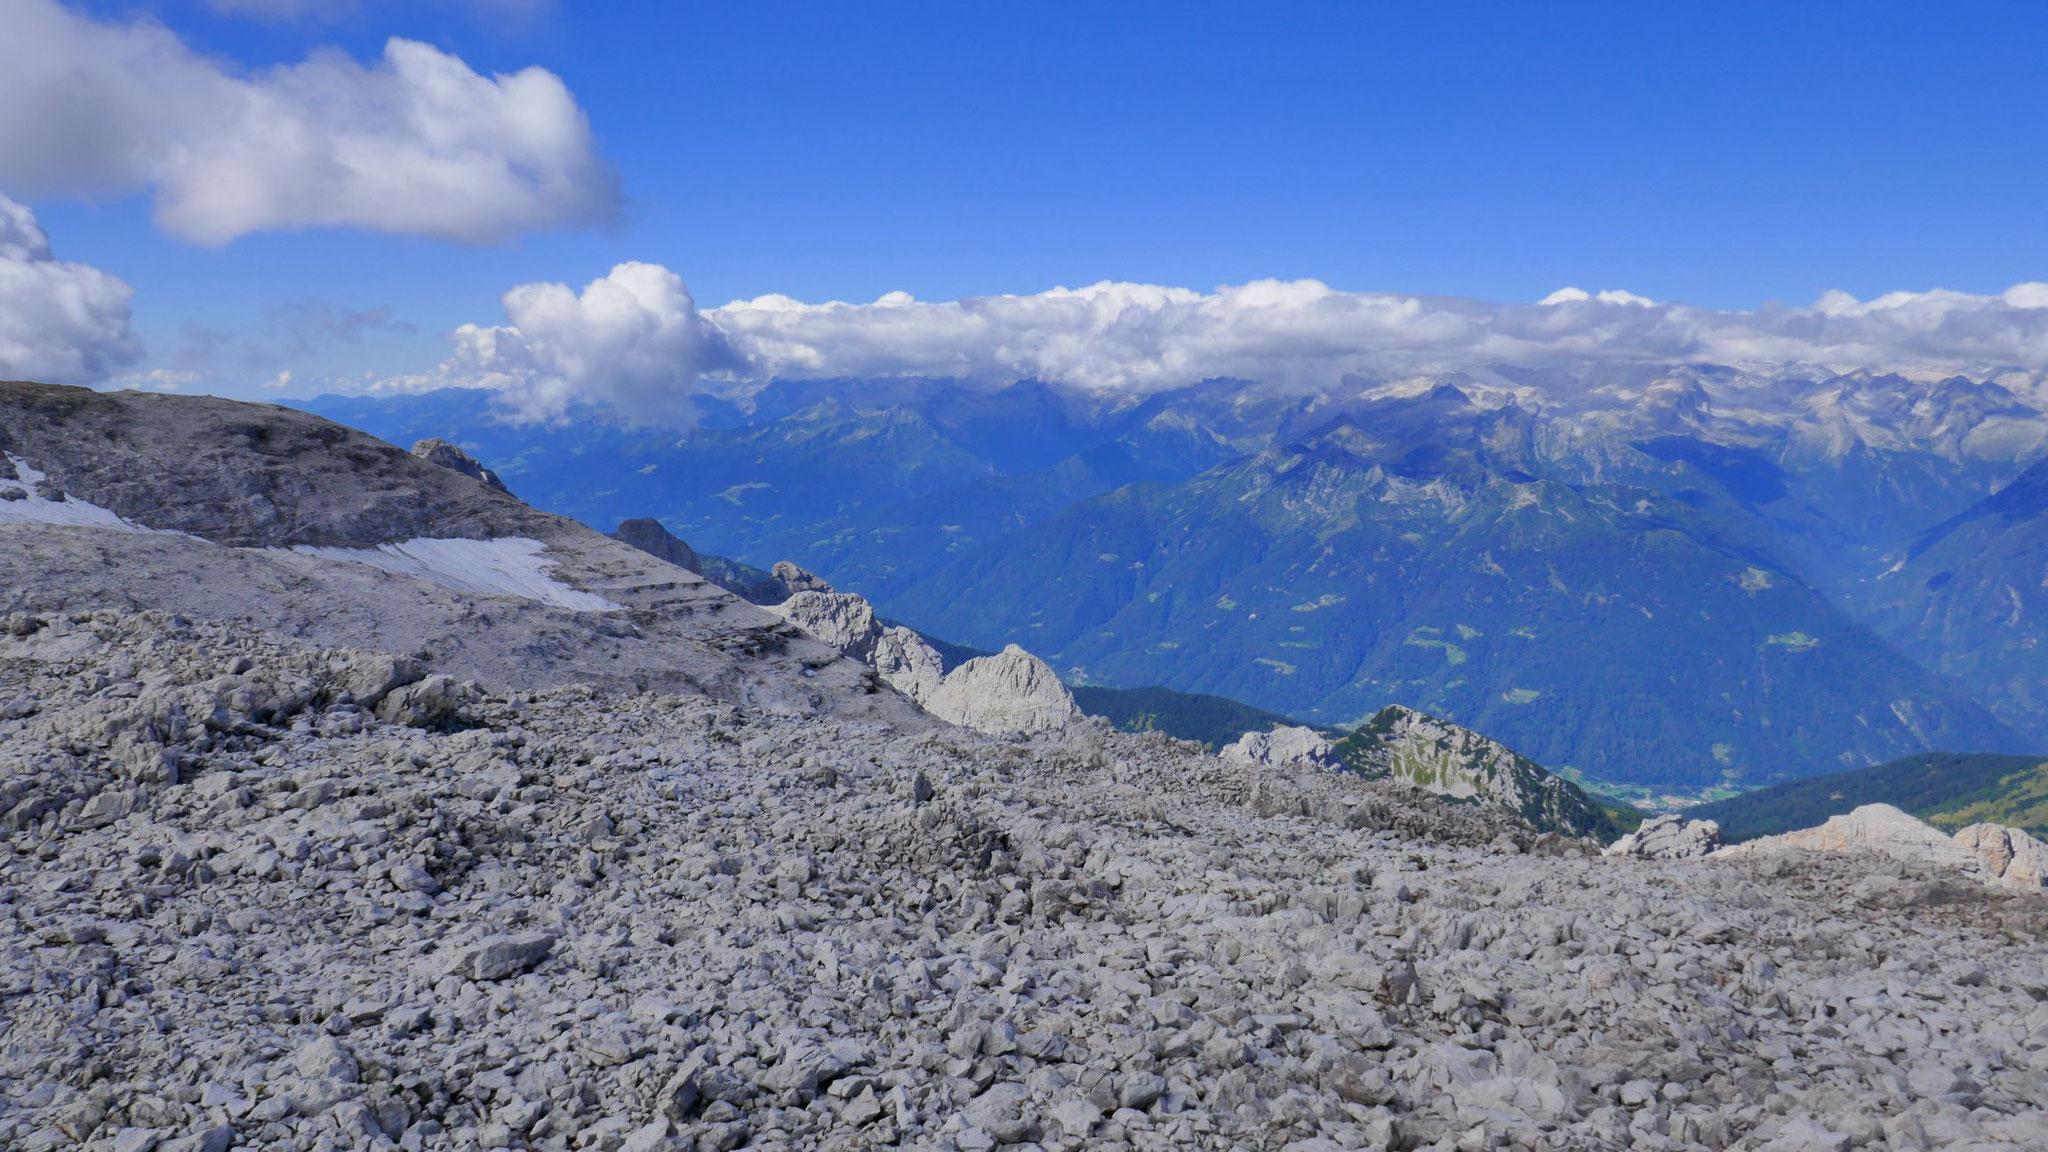 Zentrale Adamello-Presanella-Alpen mit Monte Care Alto